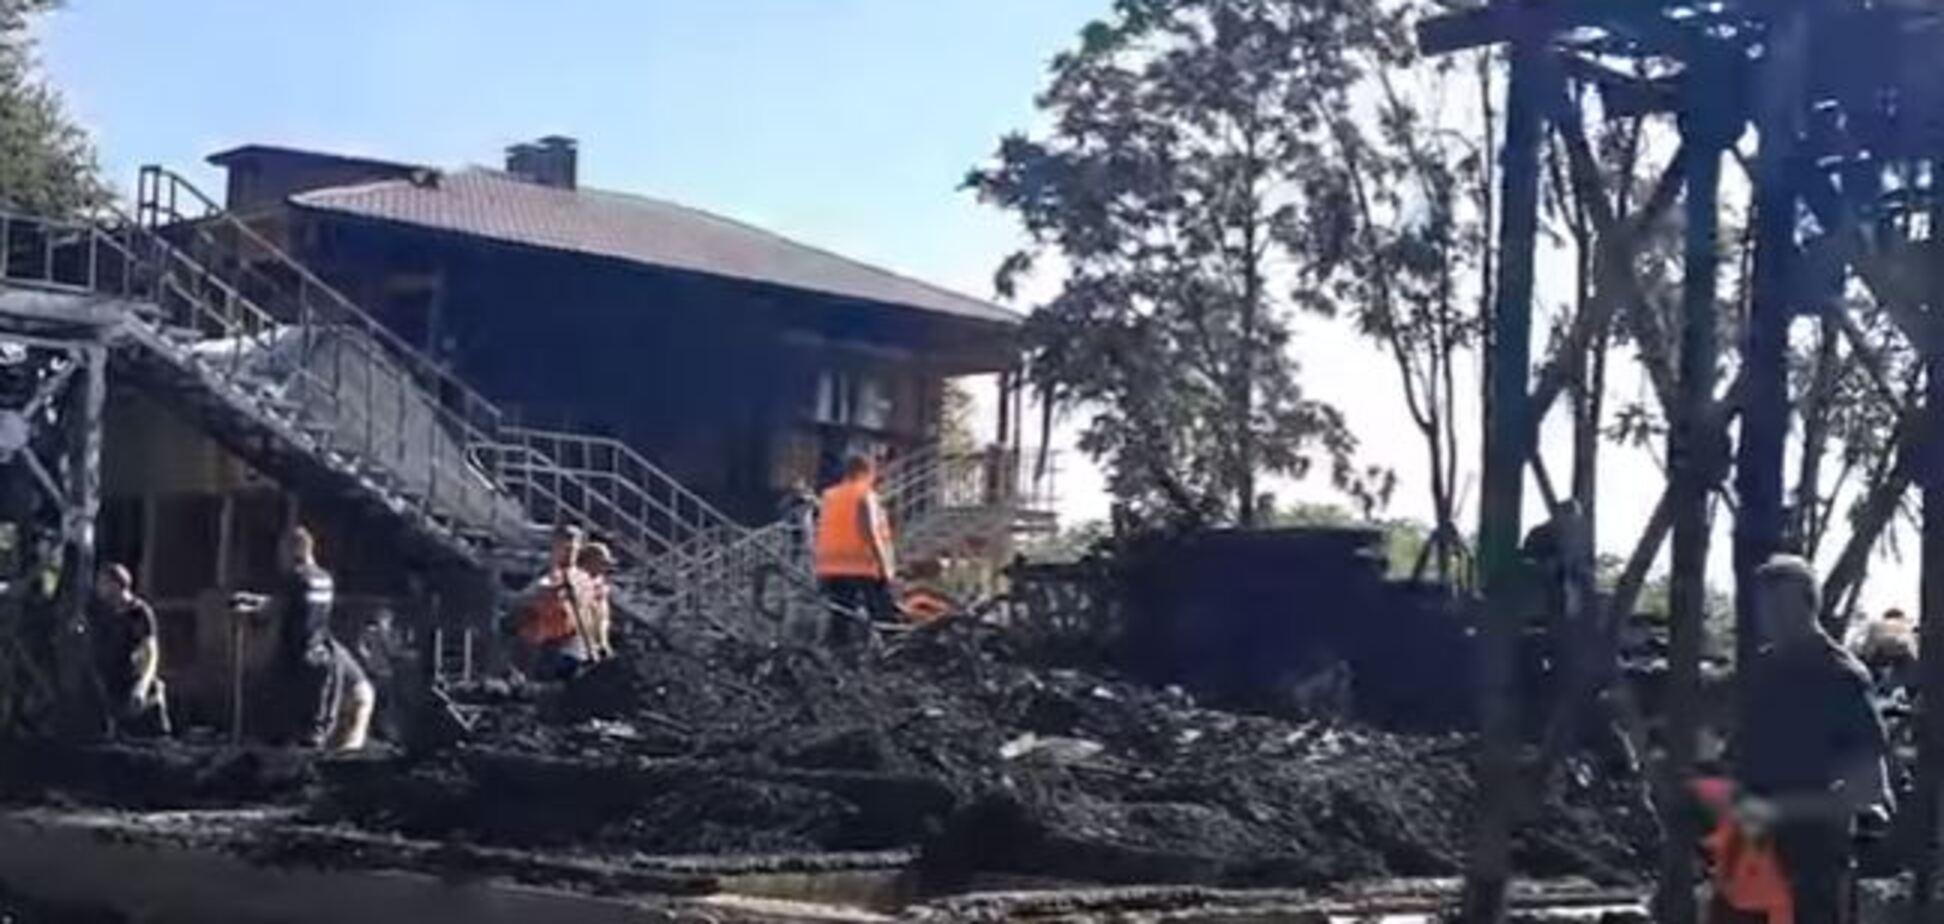 Просто попелище: на відео потрапили наслідки страшної пожежі в таборі 'Вікторія'